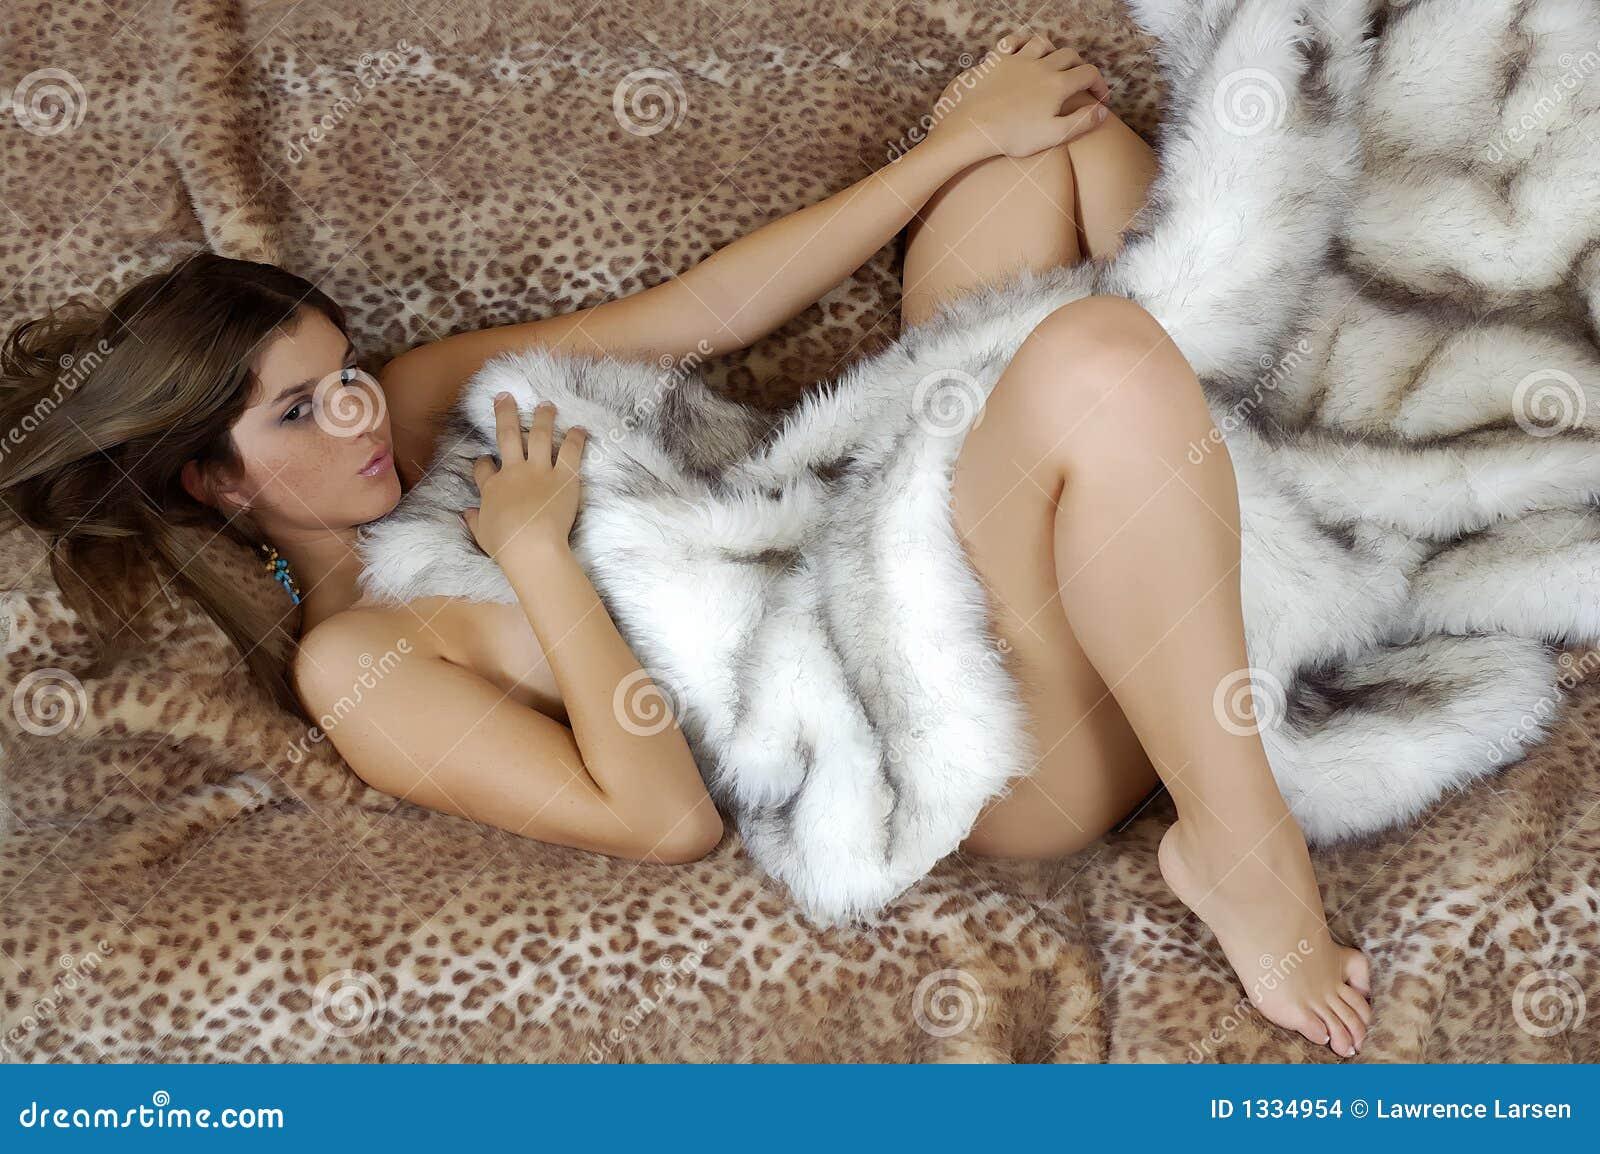 Sex massage porno pics